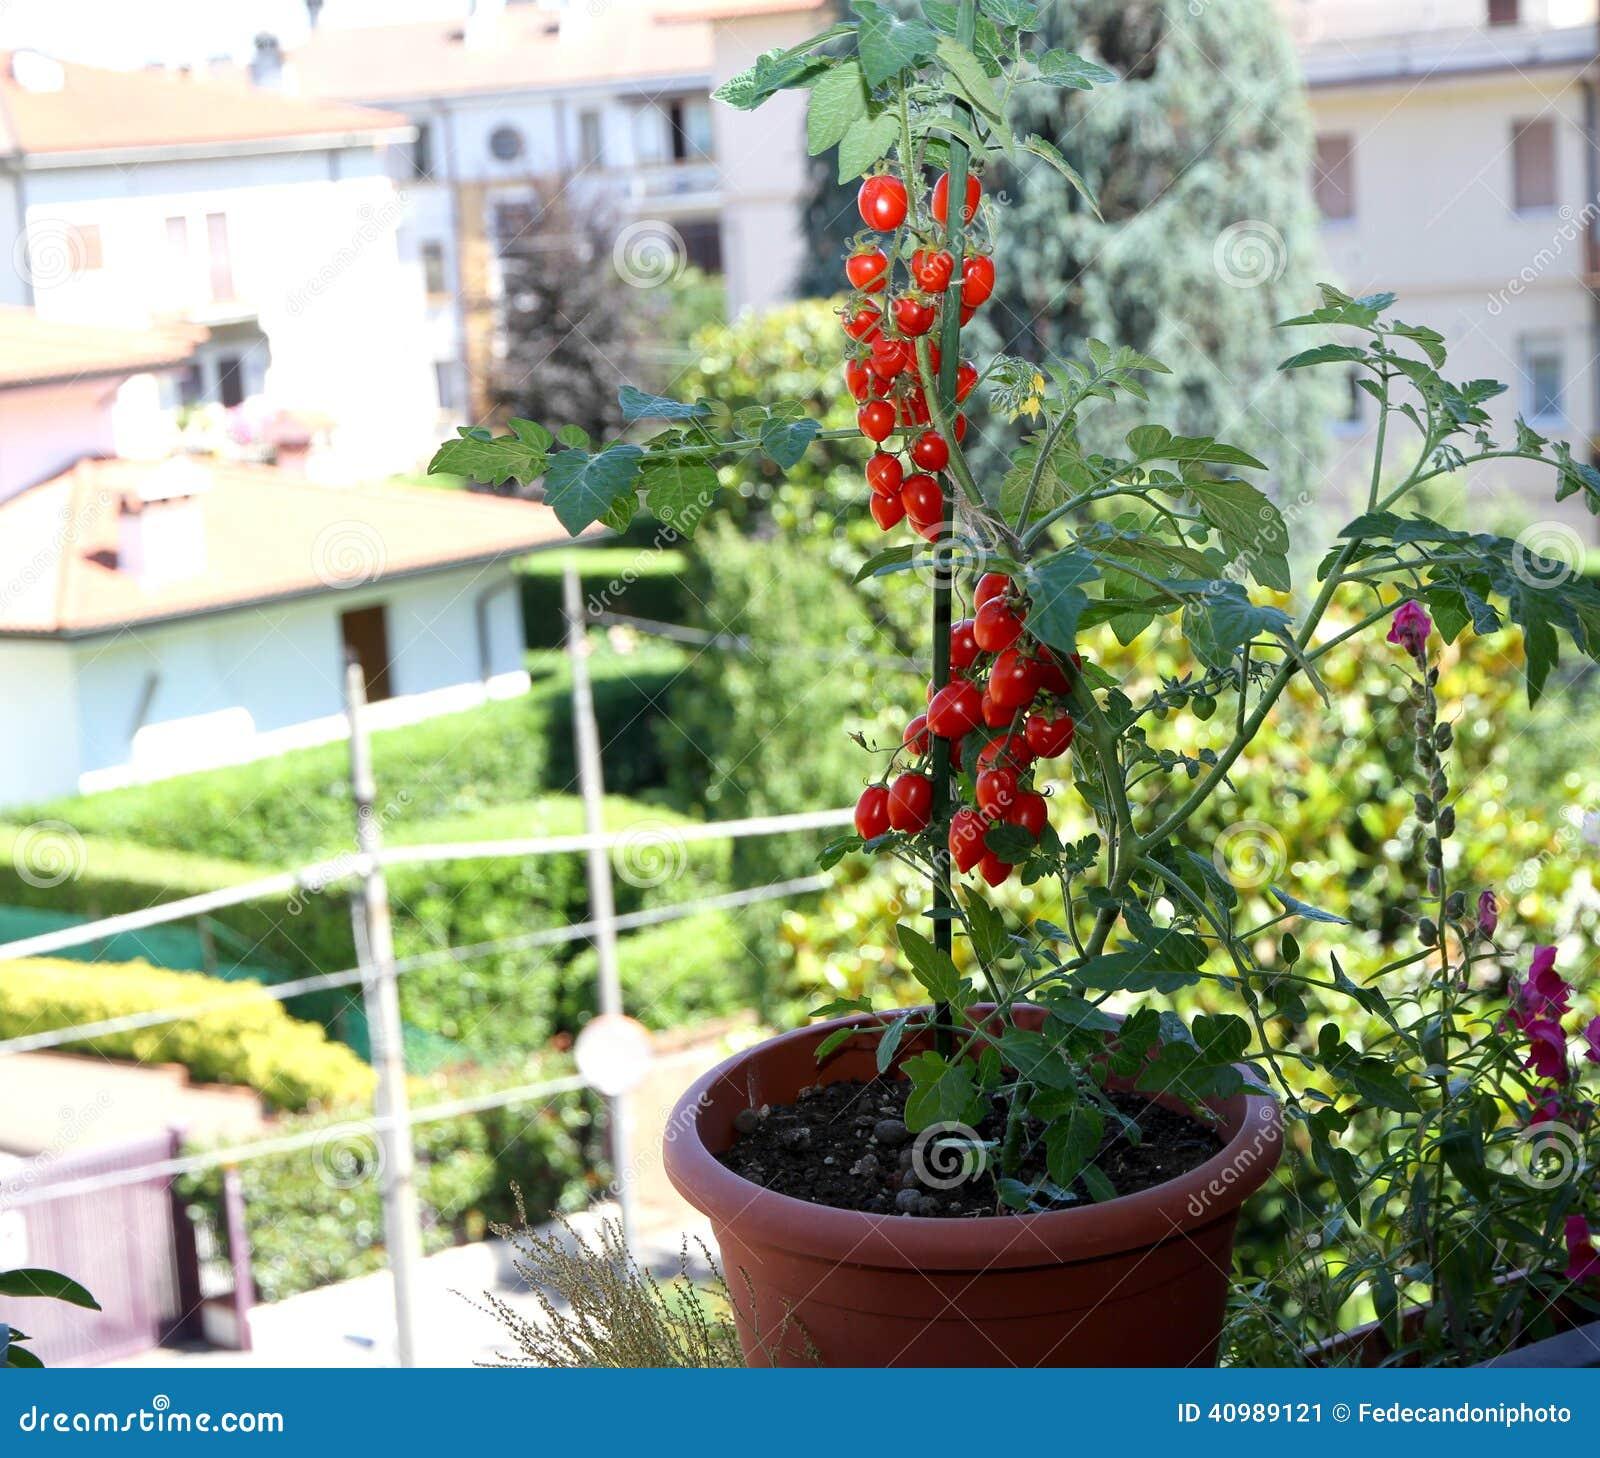 tomates rouges dans des pots sur le balcon de la terrasse d 39 une maison dedans image stock. Black Bedroom Furniture Sets. Home Design Ideas